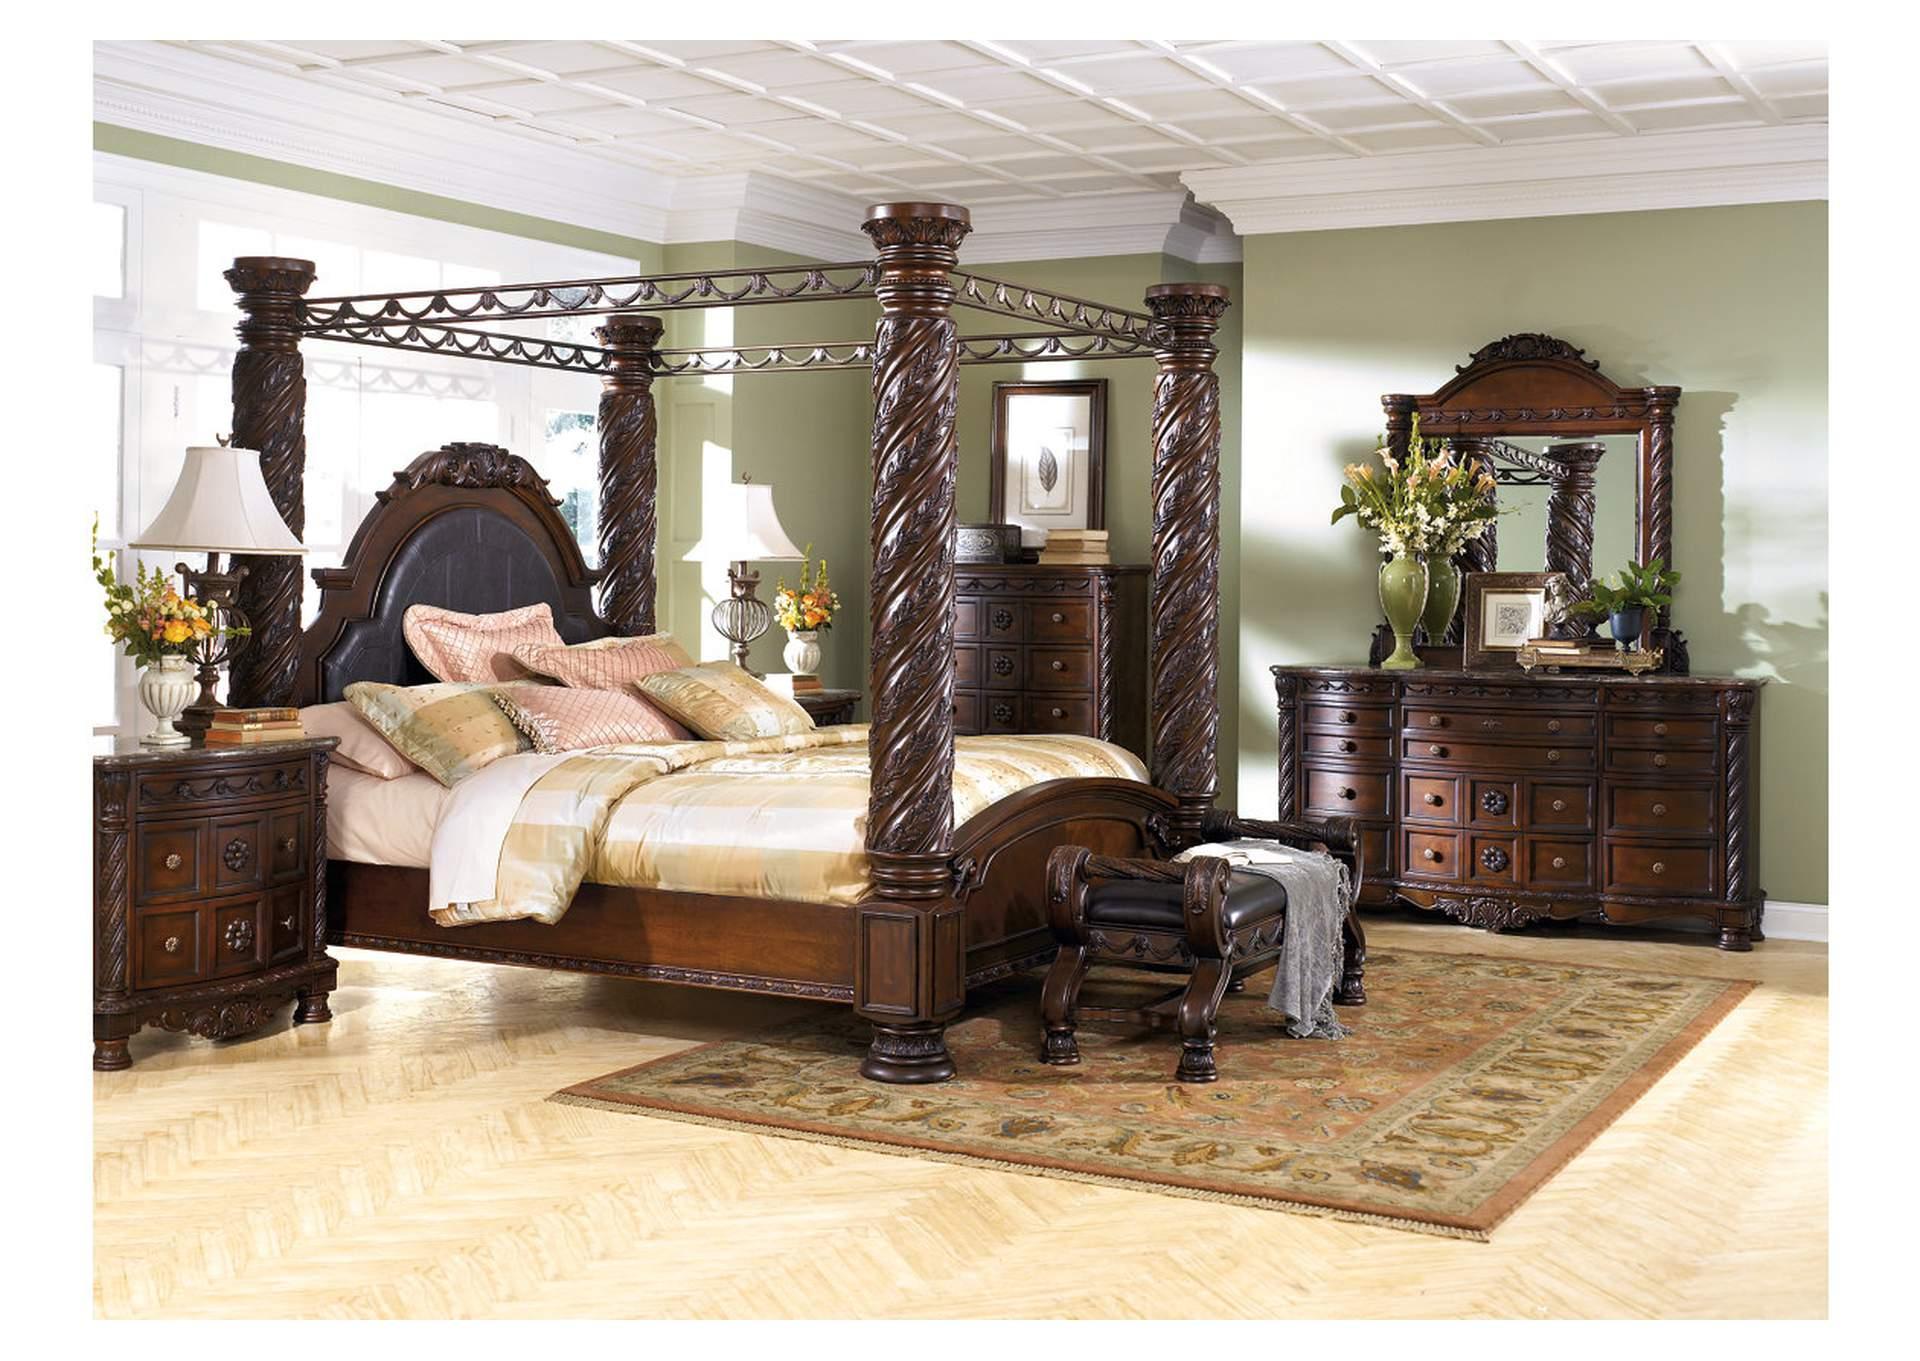 Charming Akins Furniture Dogtown Akinsfurnituredogtown Insram